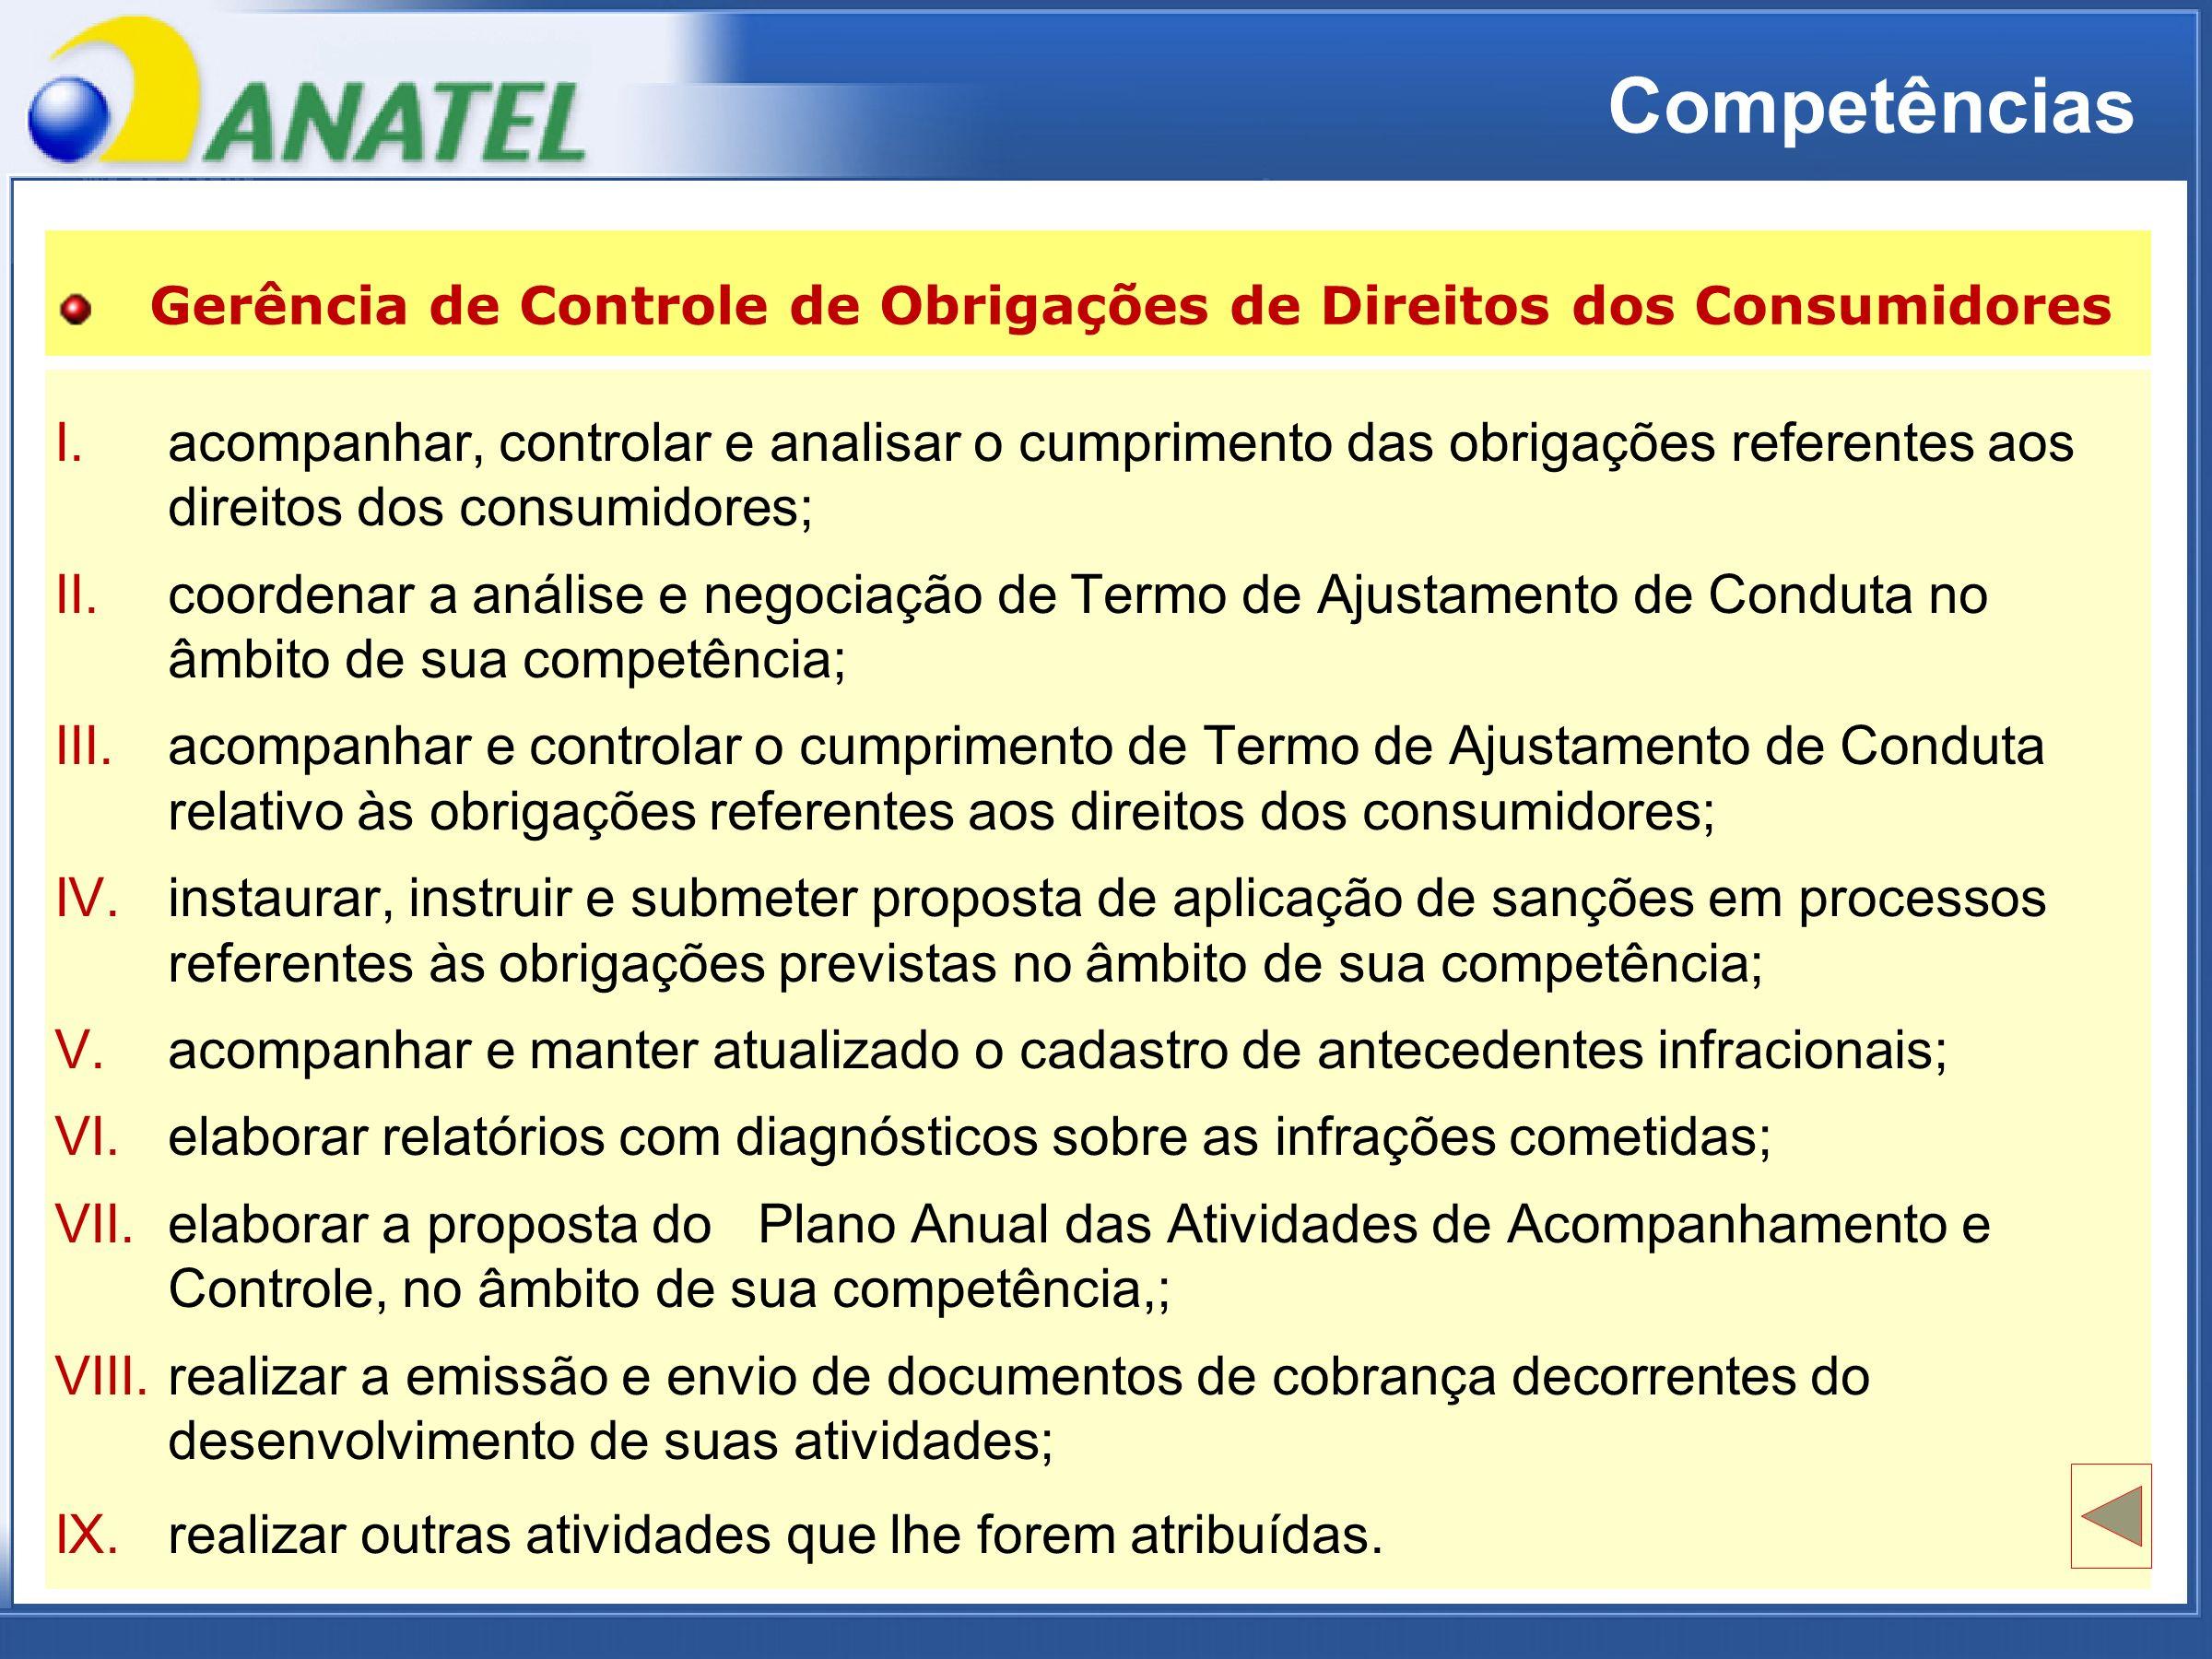 ADTOD I.acompanhar, controlar e analisar o cumprimento das obrigações referentes aosdireitos dos consumidores; I.acompanhar, controlar e analisar o cumprimento das obrigações referentes aos direitos dos consumidores; II.coordenar a análise e negociação de Termo de Ajustamento de Conduta noâmbito de sua competência; II.coordenar a análise e negociação de Termo de Ajustamento de Conduta no âmbito de sua competência; III.acompanhar e controlar o cumprimento de Termo de Ajustamento de Condutarelativo às obrigações referentes aos direitos dos consumidores; III.acompanhar e controlar o cumprimento de Termo de Ajustamento de Conduta relativo às obrigações referentes aos direitos dos consumidores; IV.instaurar, instruir e submeter proposta de aplicação de sanções em processosreferentes às obrigações previstas no âmbito de sua competência; IV.instaurar, instruir e submeter proposta de aplicação de sanções em processos referentes às obrigações previstas no âmbito de sua competência; V.acompanhar e manter atualizado o cadastro de antecedentes infracionais; VI.elaborar relatórios com diagnósticos sobre as infrações cometidas; VII.elaborar a proposta do Plano Anual das Atividades de Acompanhamento eControle, no âmbito de sua competência,; VII.elaborar a proposta do Plano Anual das Atividades de Acompanhamento e Controle, no âmbito de sua competência,; VIII.realizar a emissão e envio de documentos de cobrança decorrentes dodesenvolvimento de suas atividades; VIII.realizar a emissão e envio de documentos de cobrança decorrentes do desenvolvimento de suas atividades; IX.realizar outras atividades que lhe forem atribuídas.